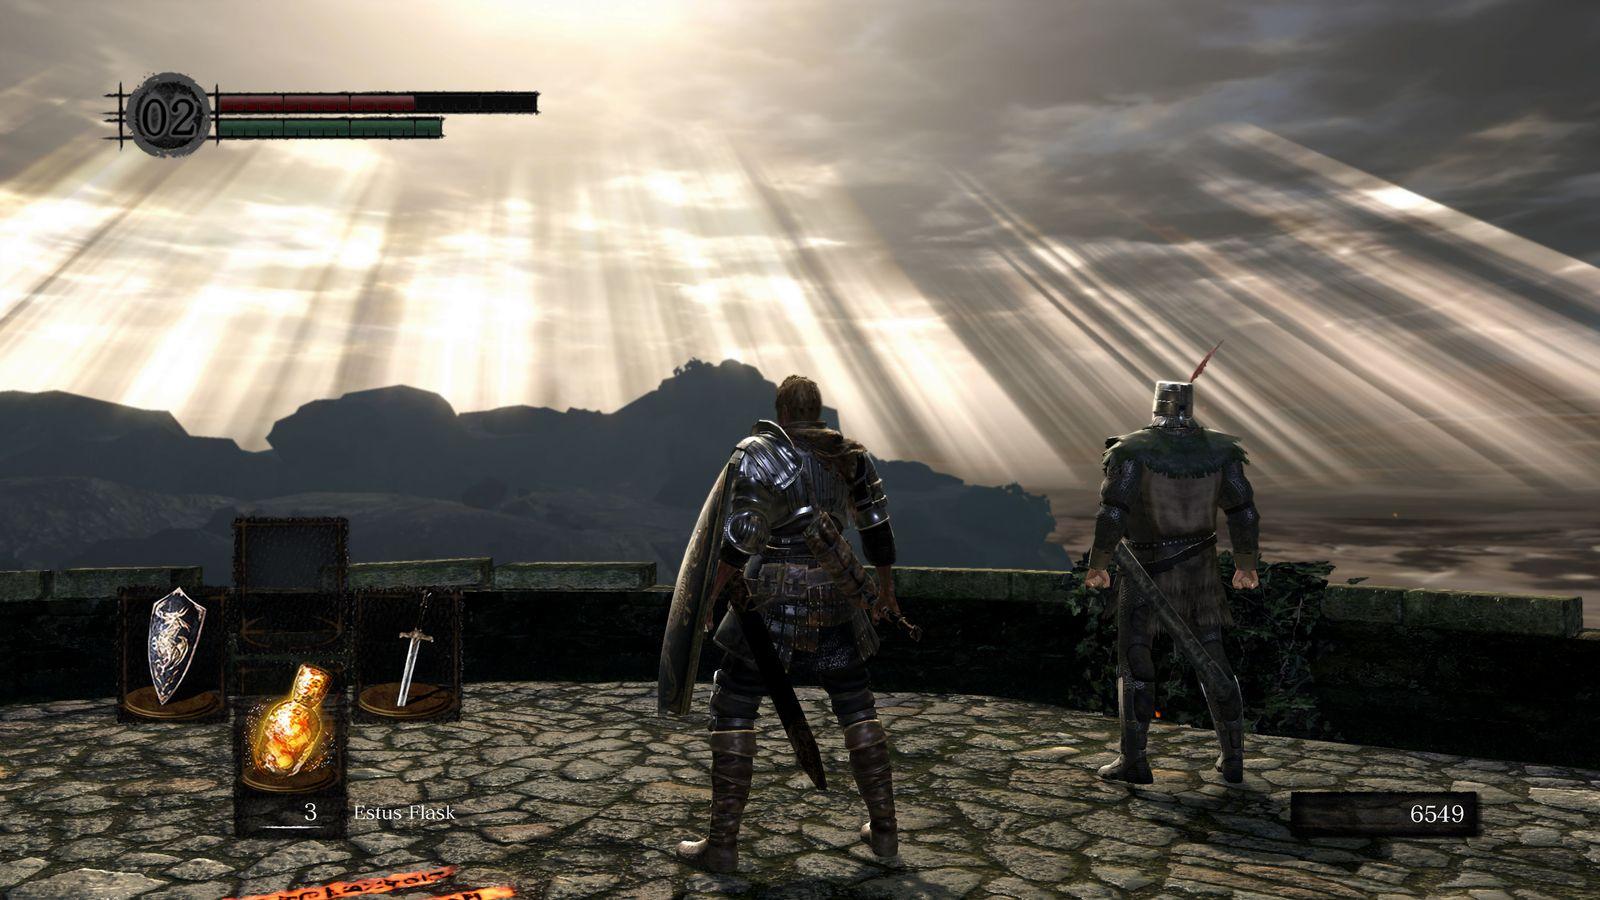 EINMALIGE VERWENDUNG 20 besten Games 2010-2019/ Dark Souls